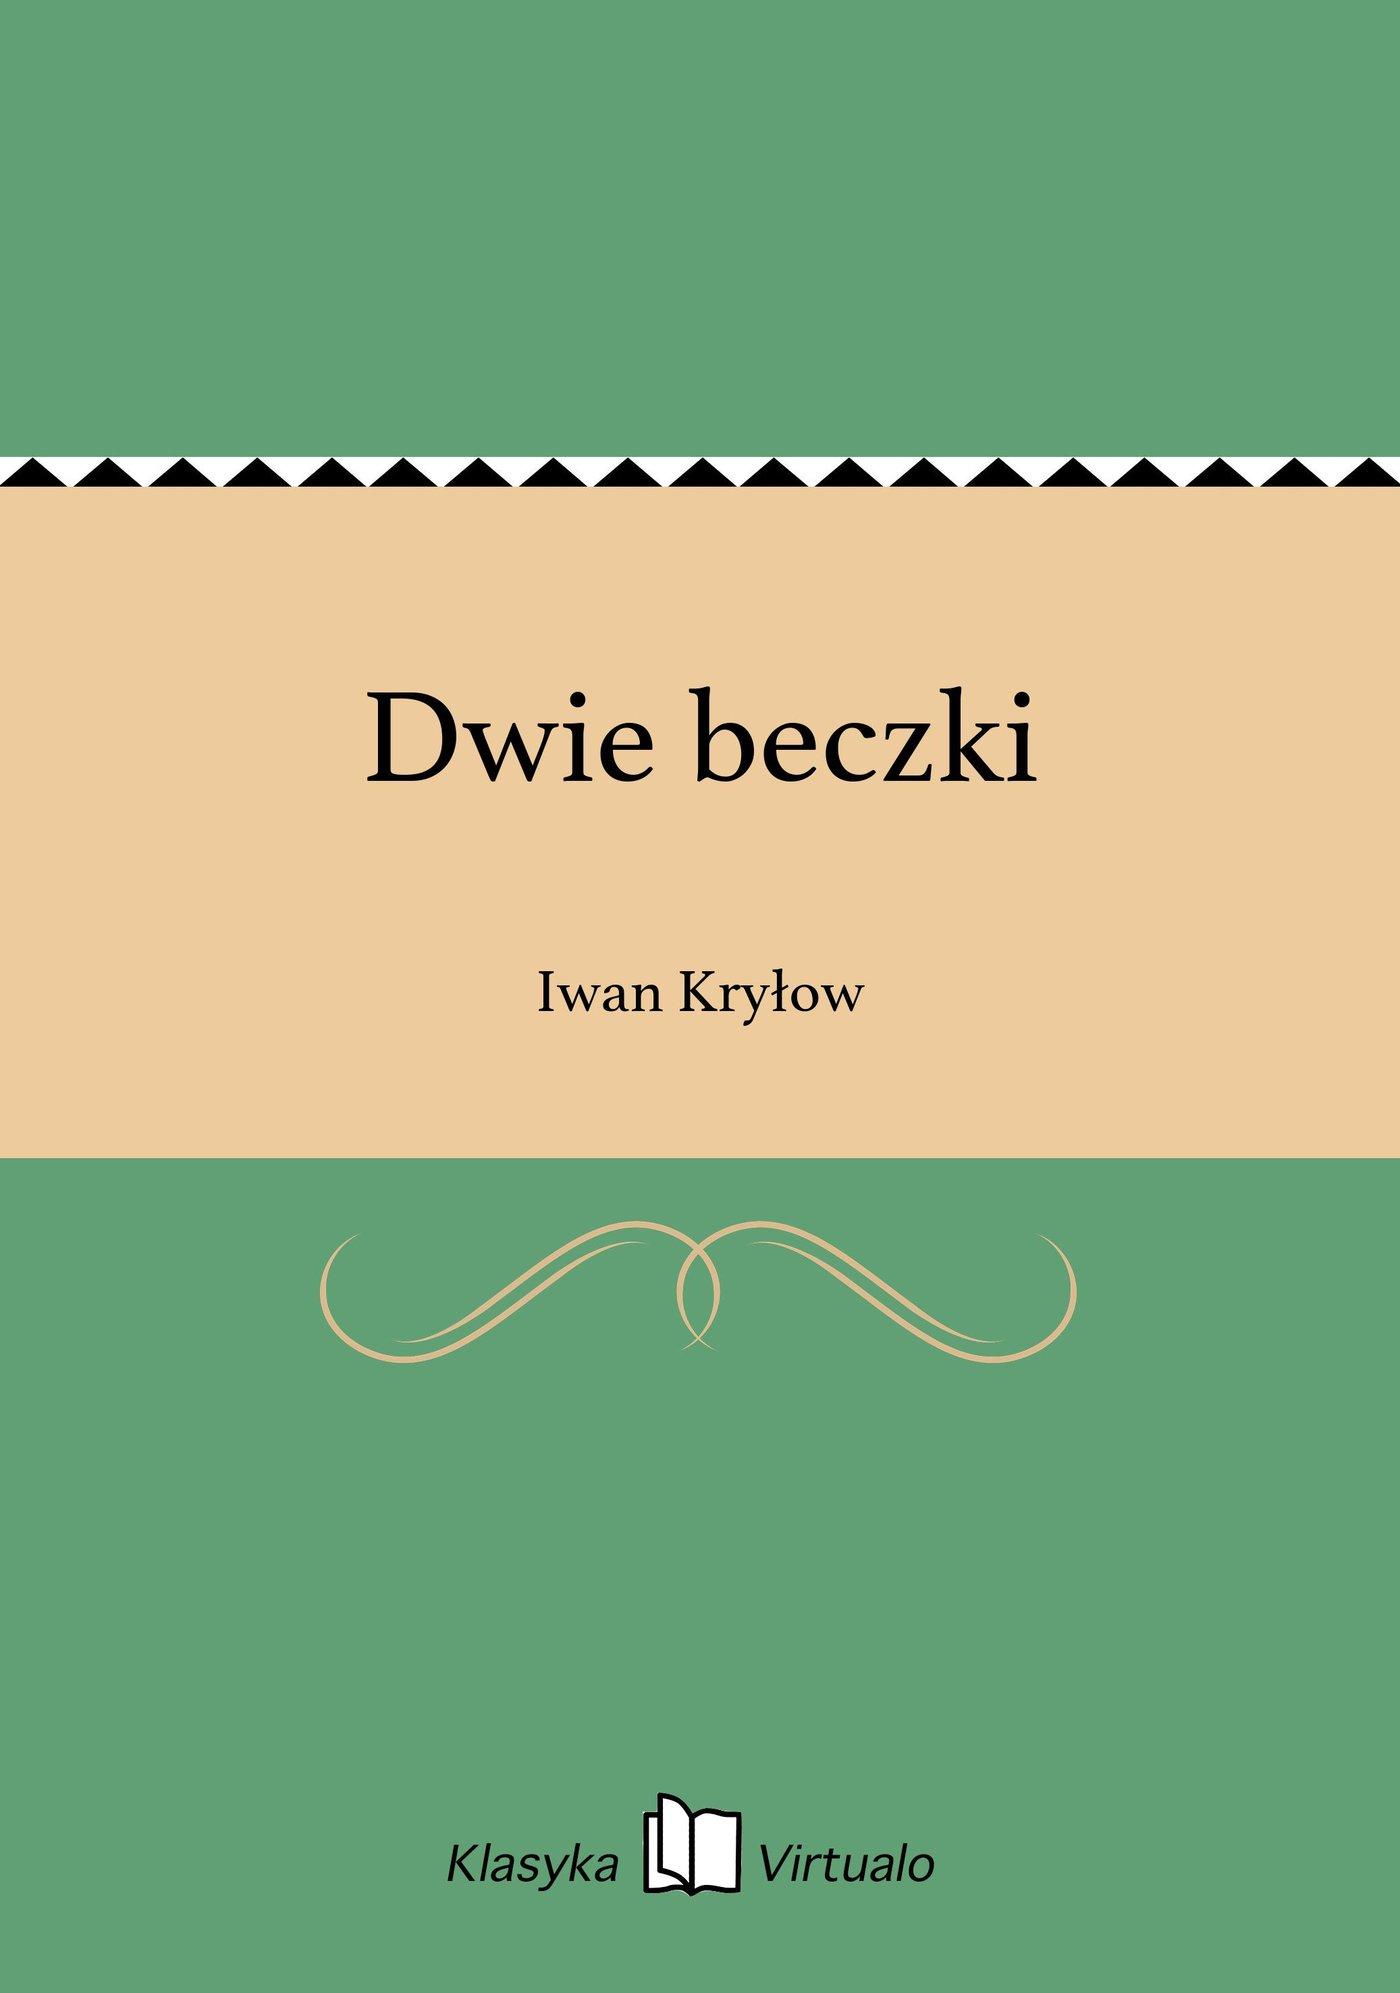 Dwie beczki - Ebook (Książka na Kindle) do pobrania w formacie MOBI